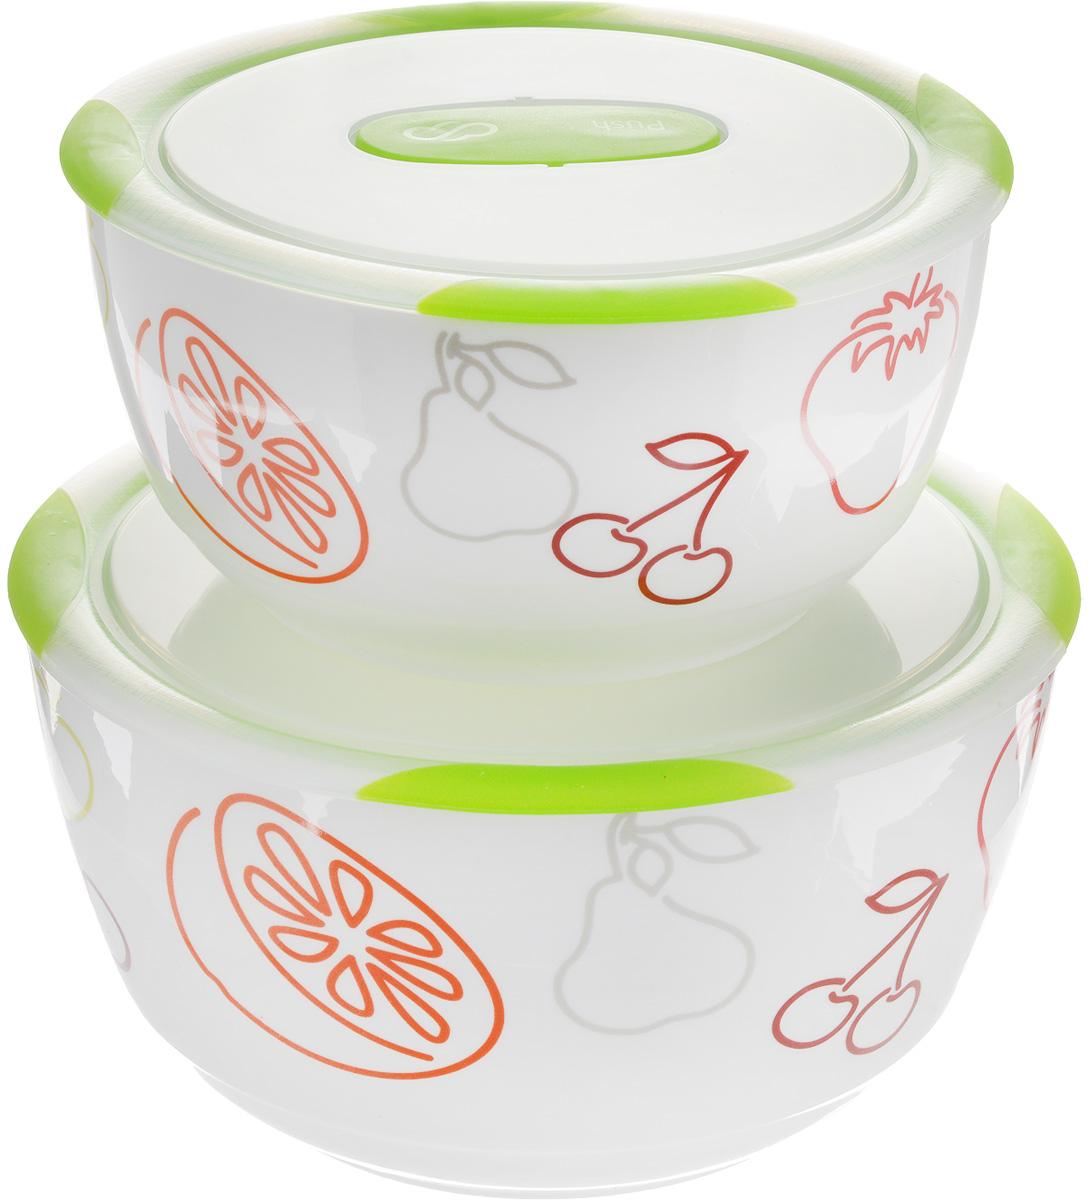 Набор мисок Oursson Bon Appetit, с крышками, цвет:зеленое яблоко, белый, 2 штBS4781RC/GAНабор Oursson состоит из двух мисок разного размера, выполненных из керамики и оформленных рисунком. Керамика, из которой изготовлены емкости, выдерживает температуру до 250°С, поэтому подать блюда на стол можно сразу после приготовления в микроволновой печи или духовом шкафу. Миски снабжены плотно закрывающимися пластиковыми крышками с технологией Clip Fresh. Такой набор прекрасно подходит для хранения продуктов и соусов без проливания, которые не прольются при переноске благодаря силиконовому уплотнителю, обеспечивающему 100% герметичность. Миски являются универсальным приобретением для любой кухни. С их помощью можно готовить блюда, хранить продукты и даже сервировать стол. Оригинальный дизайн, высокое качество и функциональность набора Oursson позволят ему стать достойным дополнением к вашему кухонному инвентарю. Можно мыть в посудомоечной машине. Характеристика емкости №1: Объем: 3 л. Высота стенки: 11,3 см. Диаметр (по...